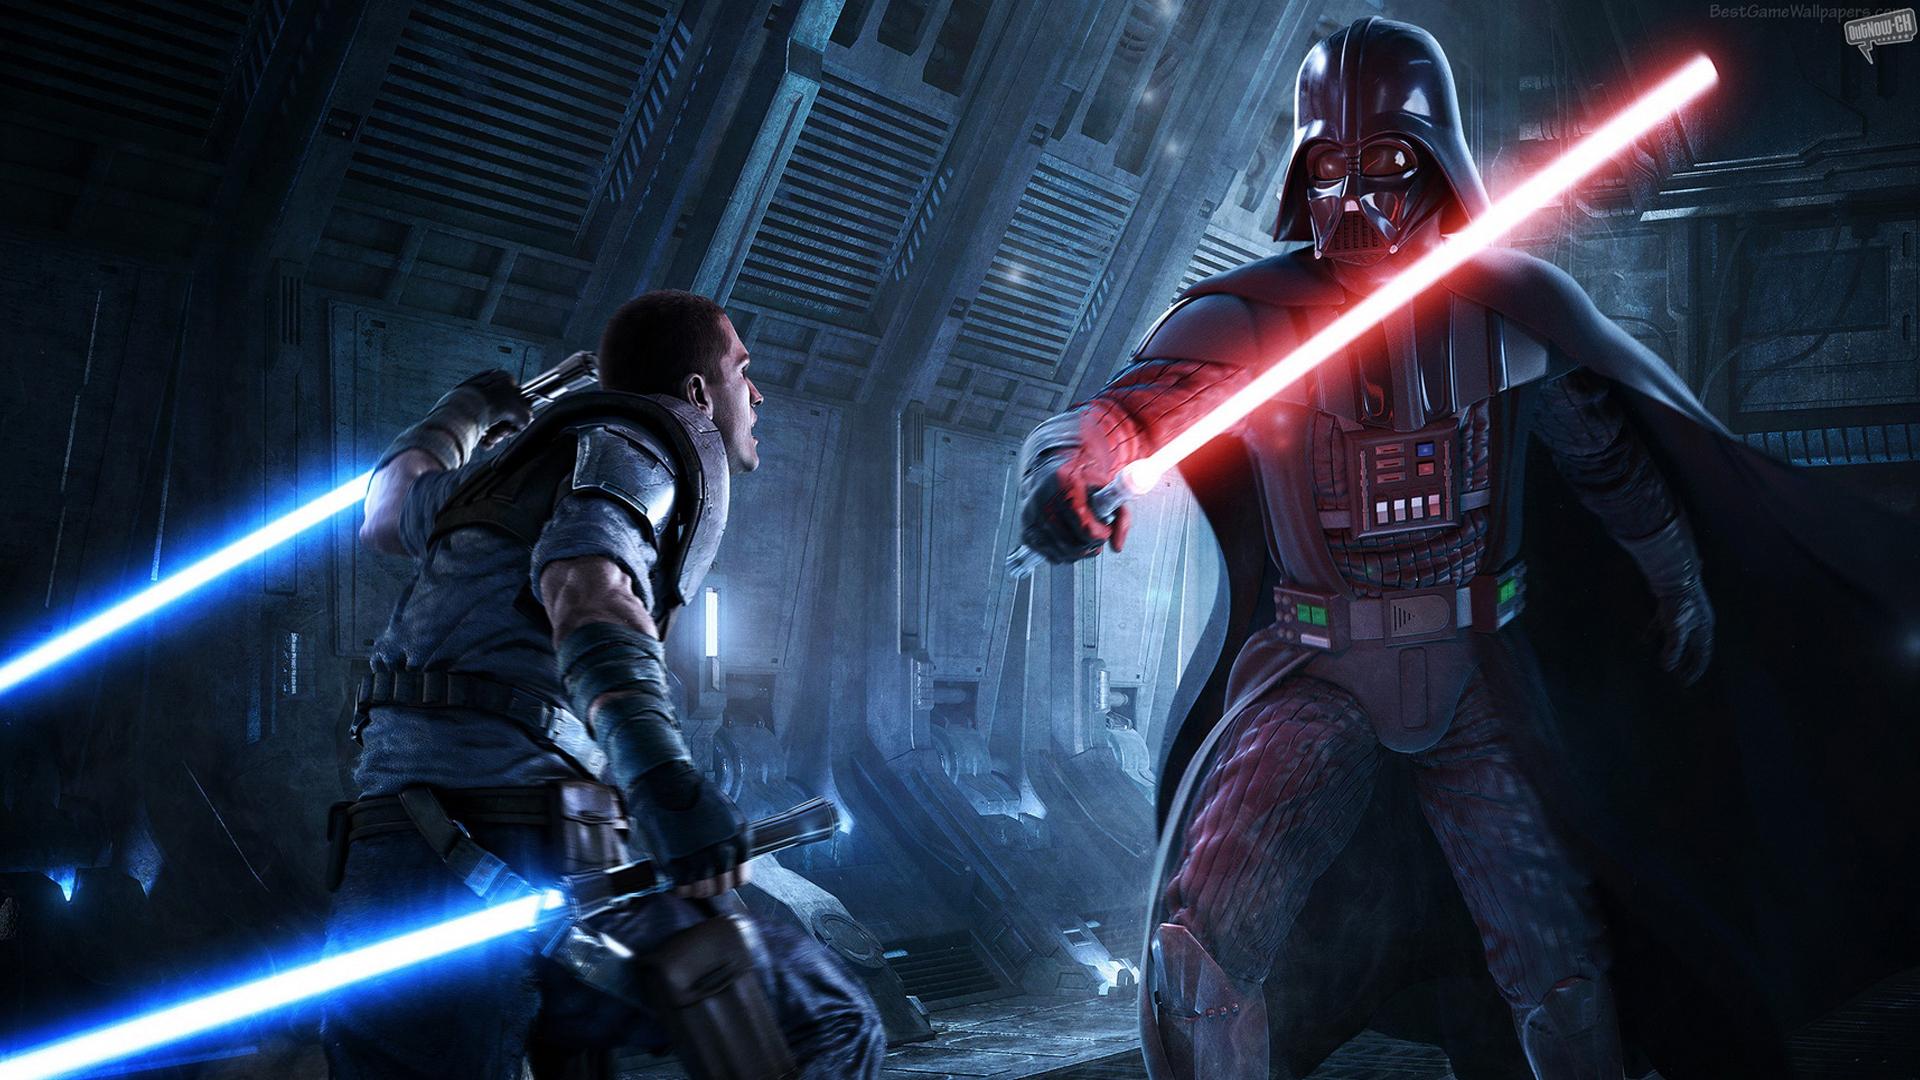 Star Wars-Spiele für Android